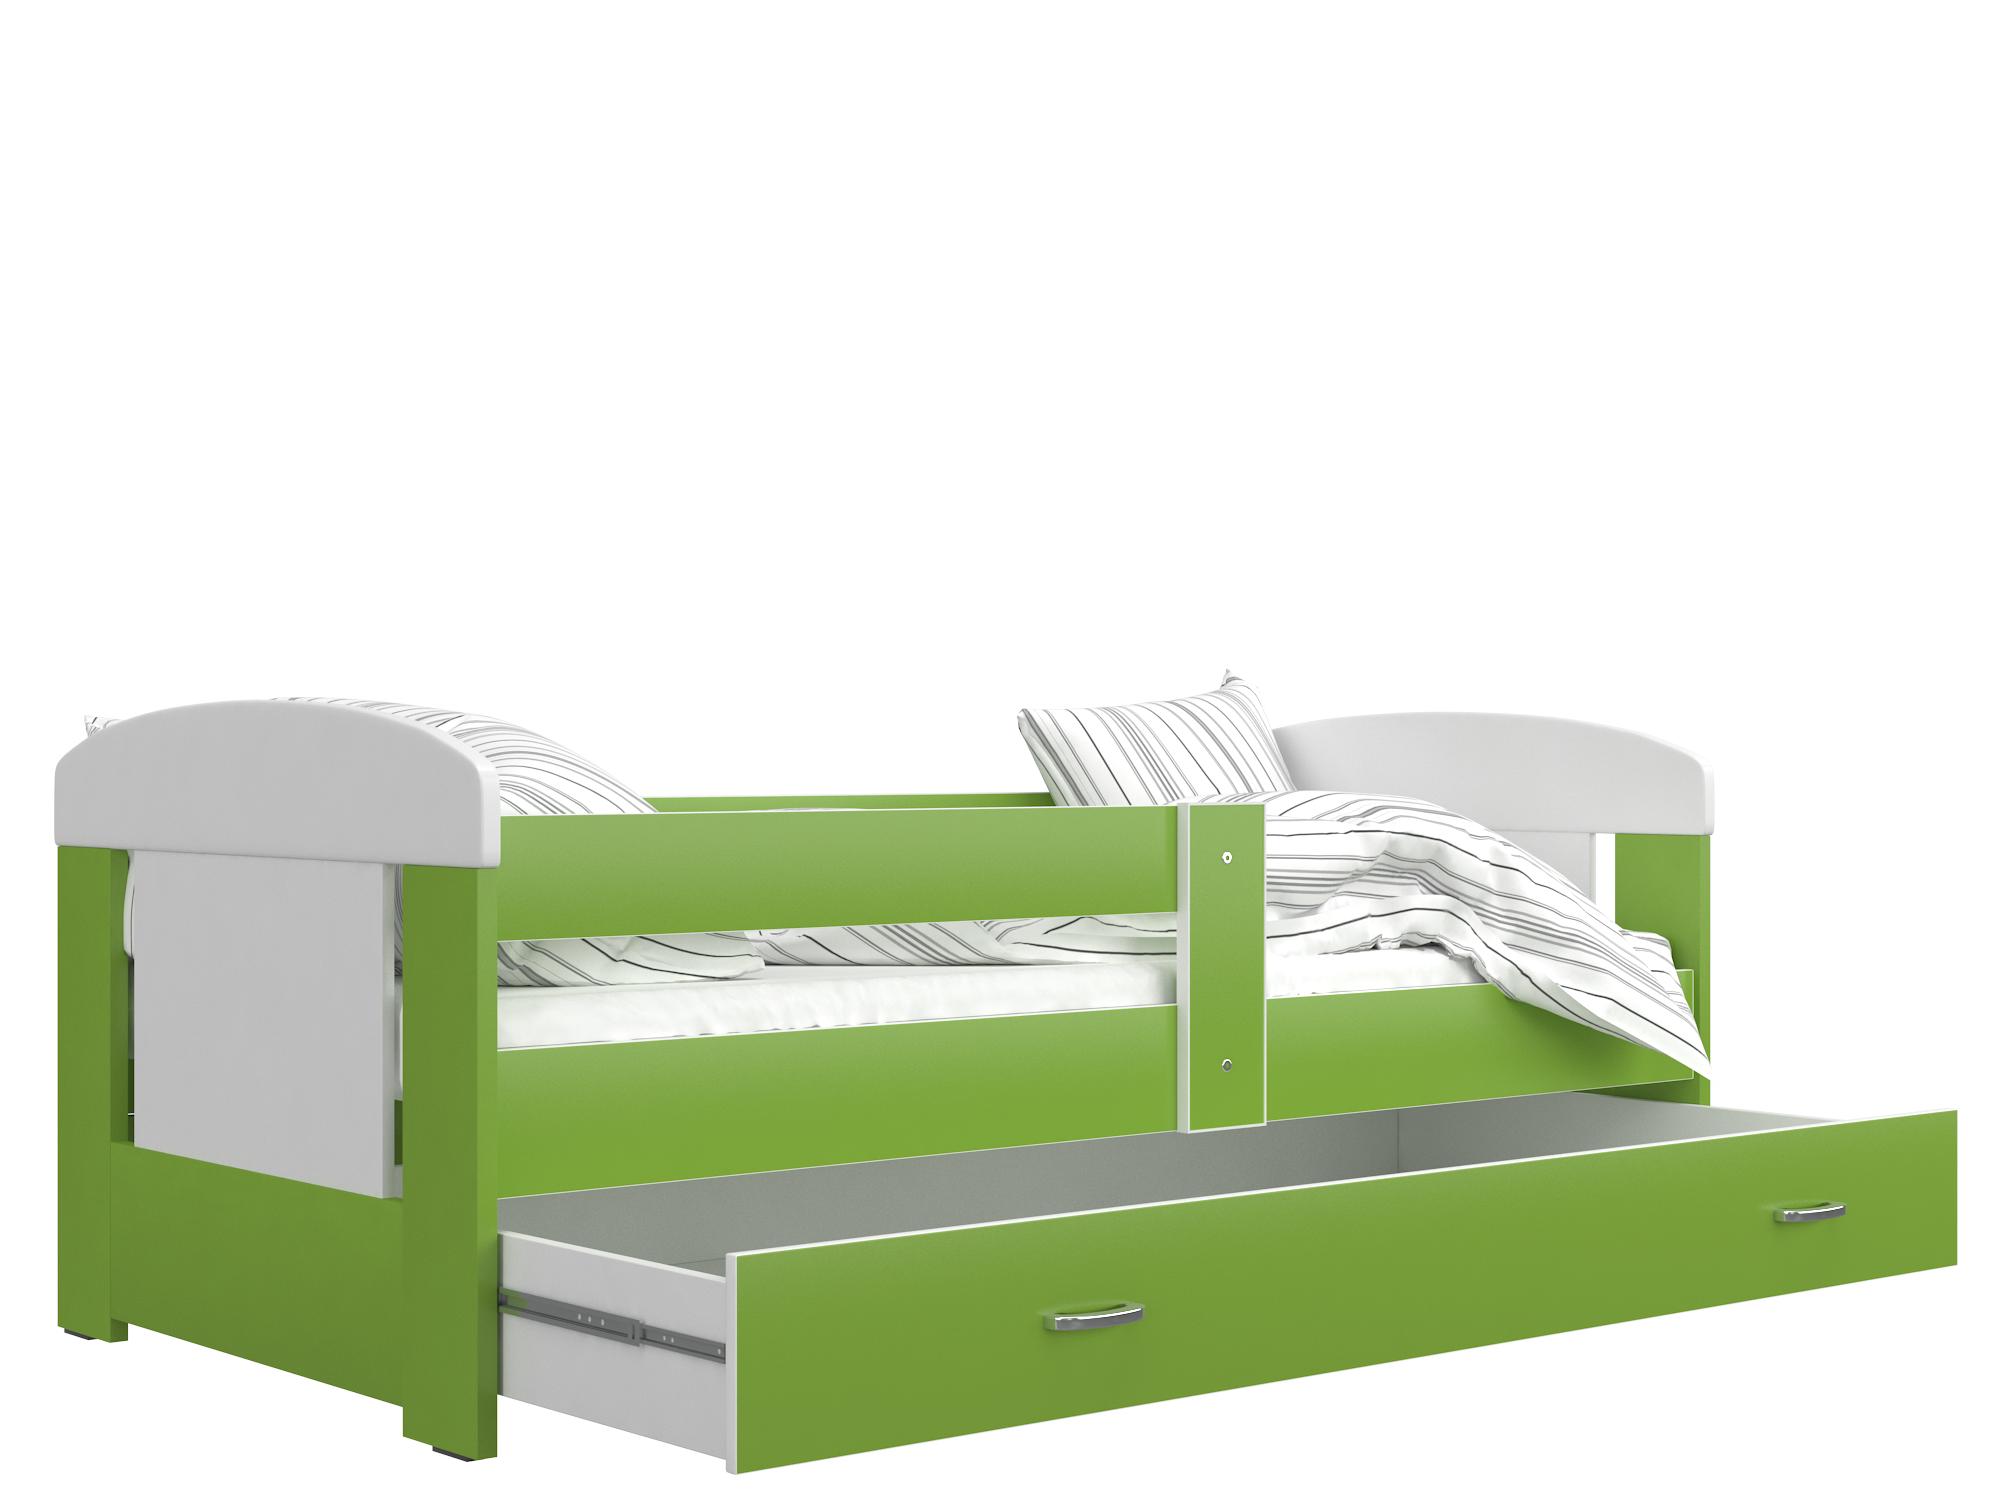 ArtAJ Detská posteľ FILIP COLOR / 160 x 80 cm Farba: biela / zelená